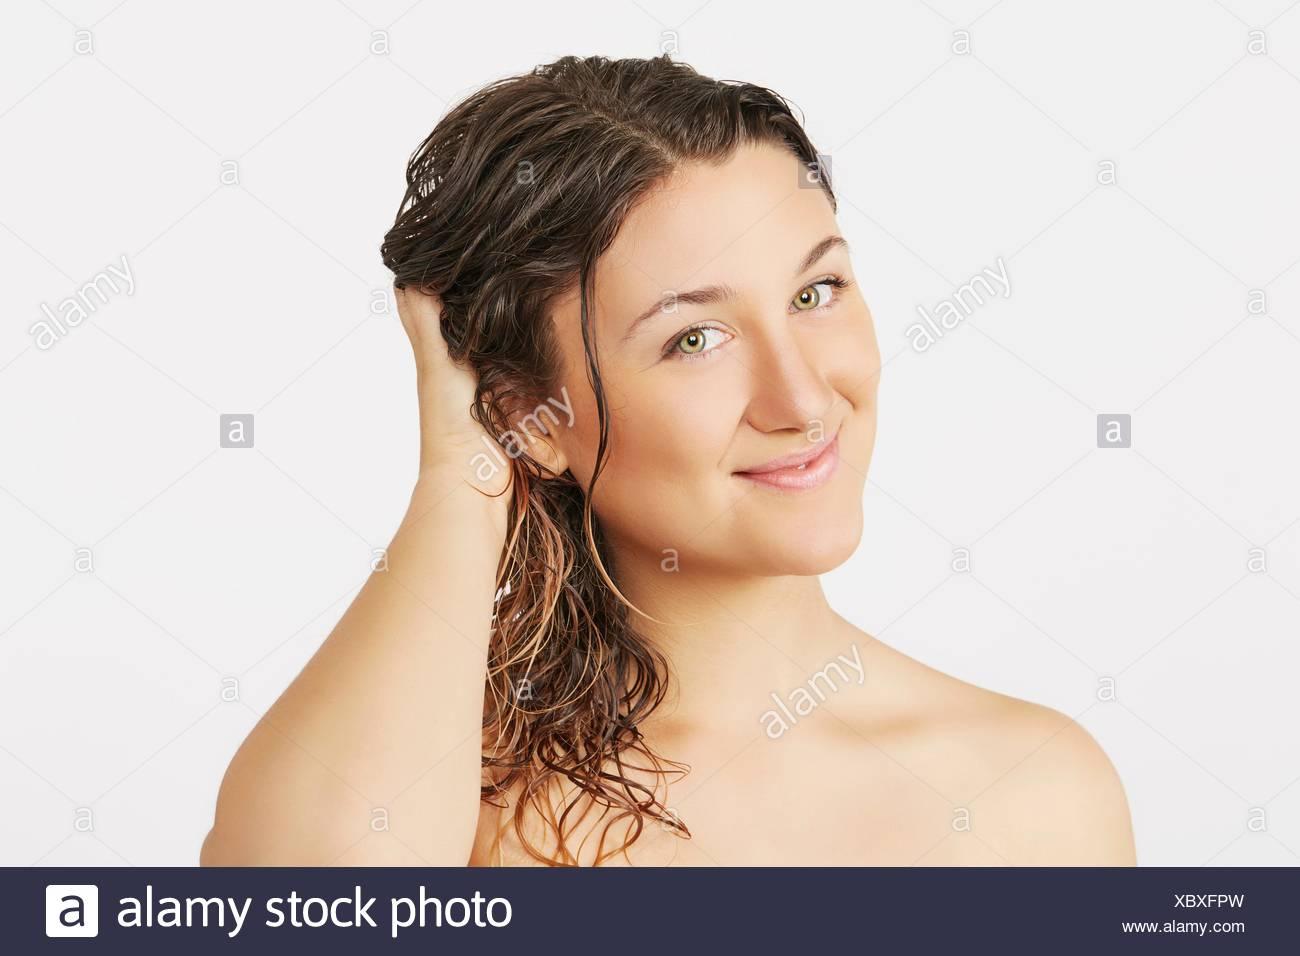 Jeune femme avec des cheveux humides Photo Stock